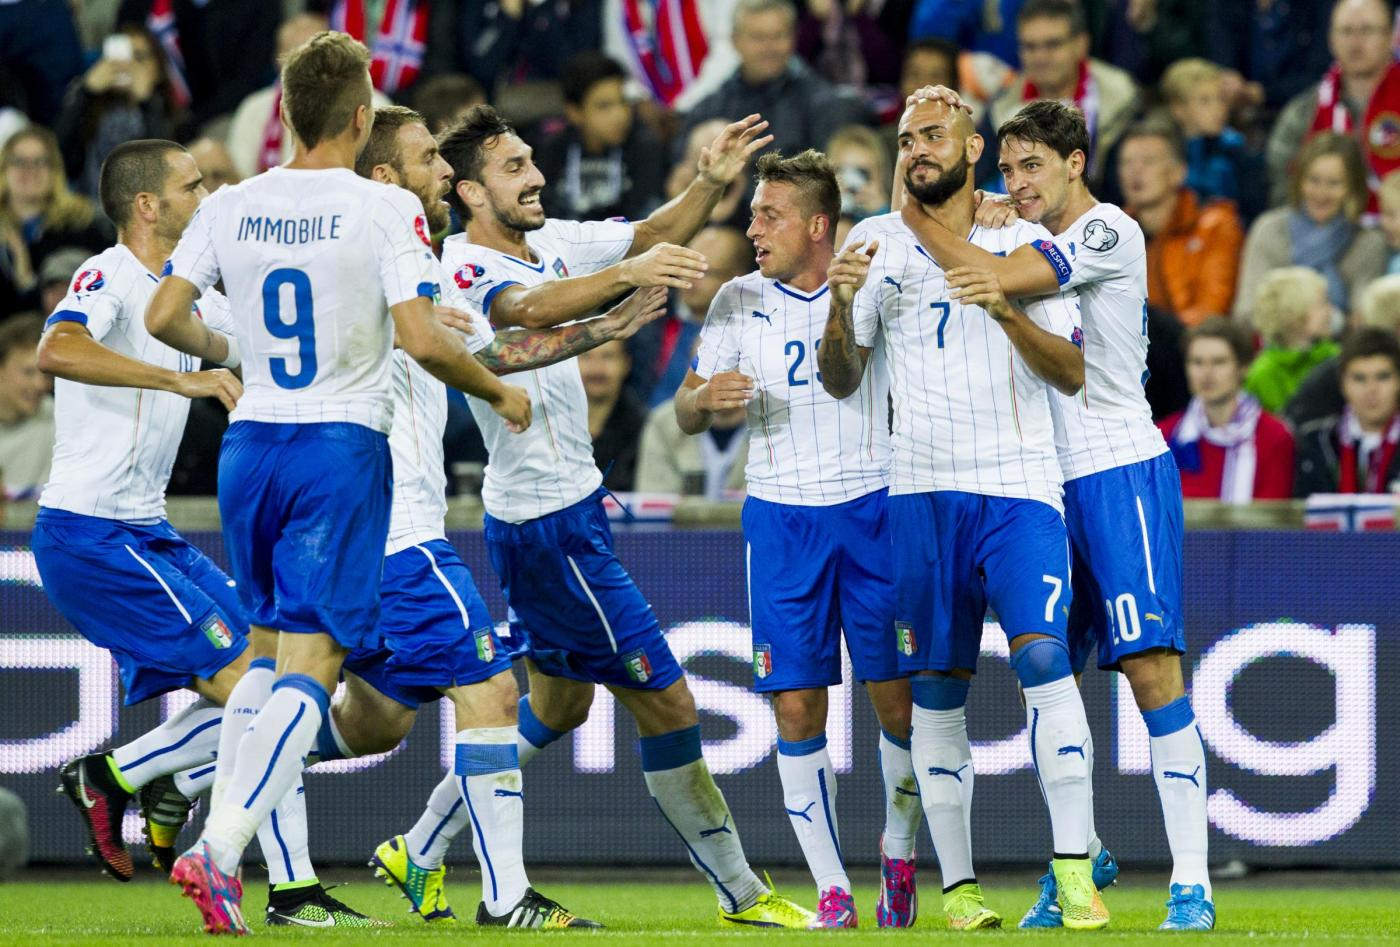 Norvegia vs Italia 0-2: Zaza e Bonucci fanno volare Conte